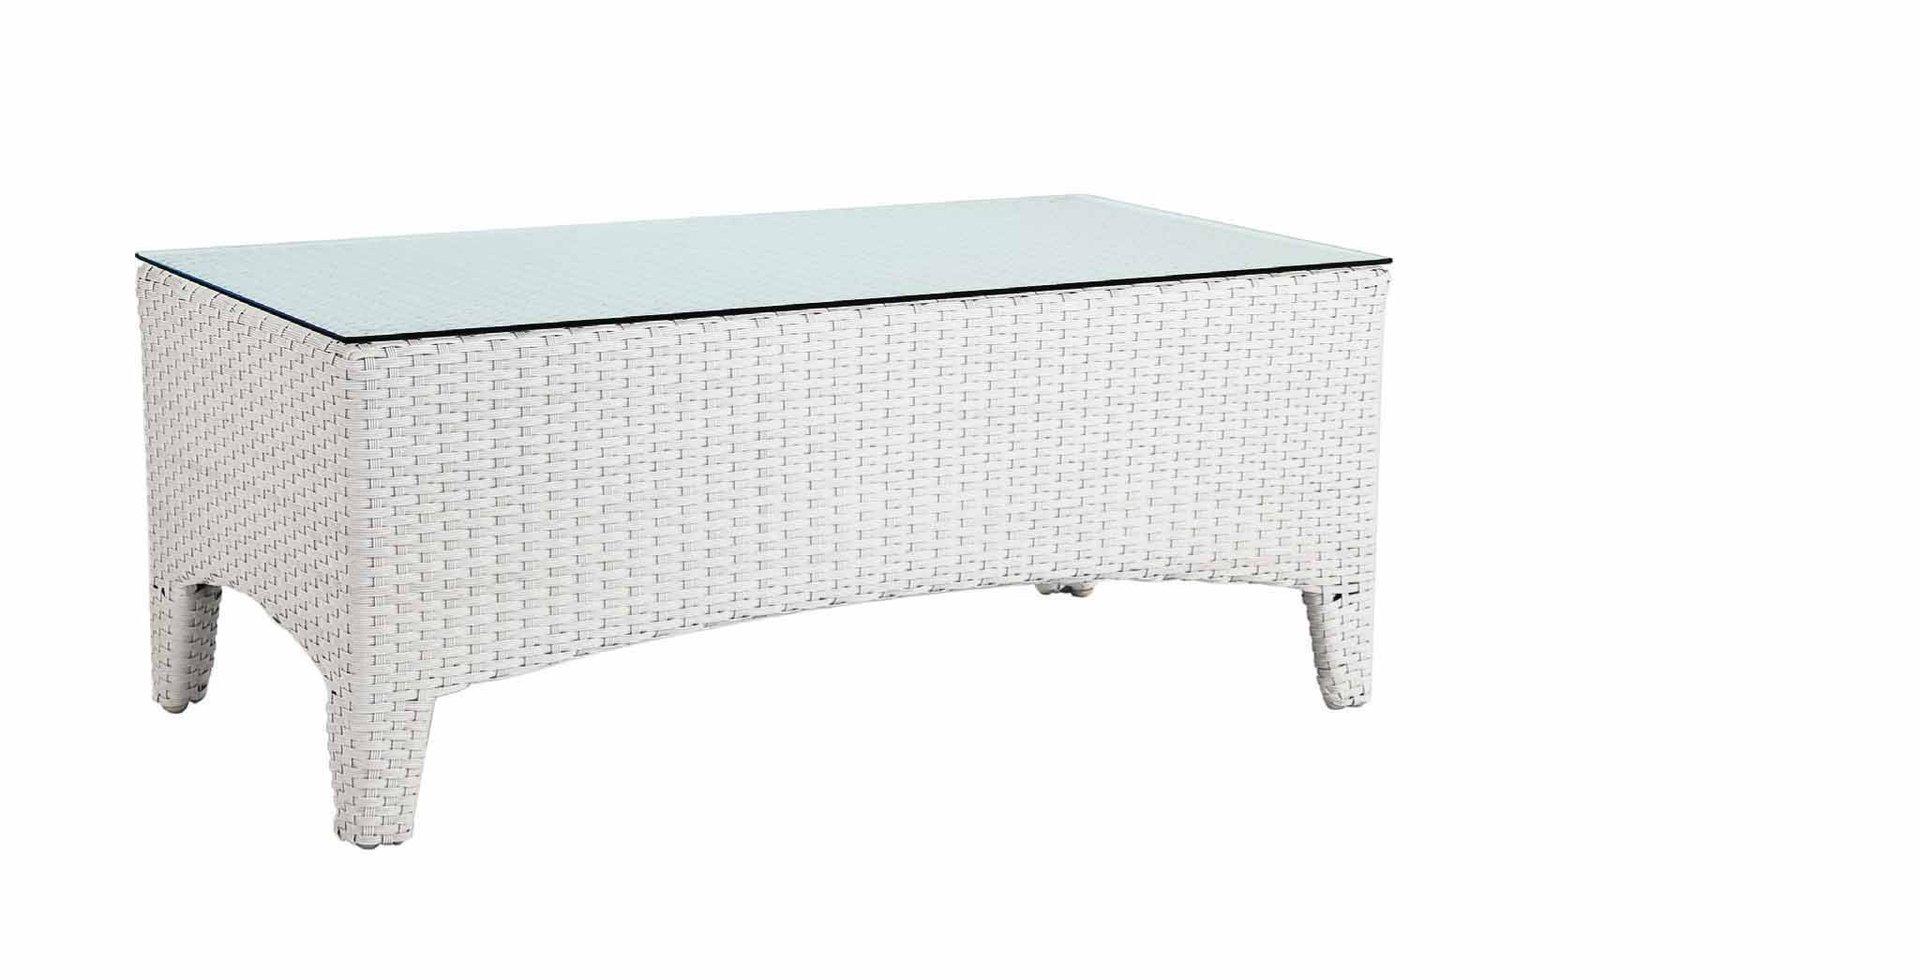 Tavolo In Rattan Bianco.Tavolino White Rattan Sintetico E Vetro Mobili Provenzali Shabby